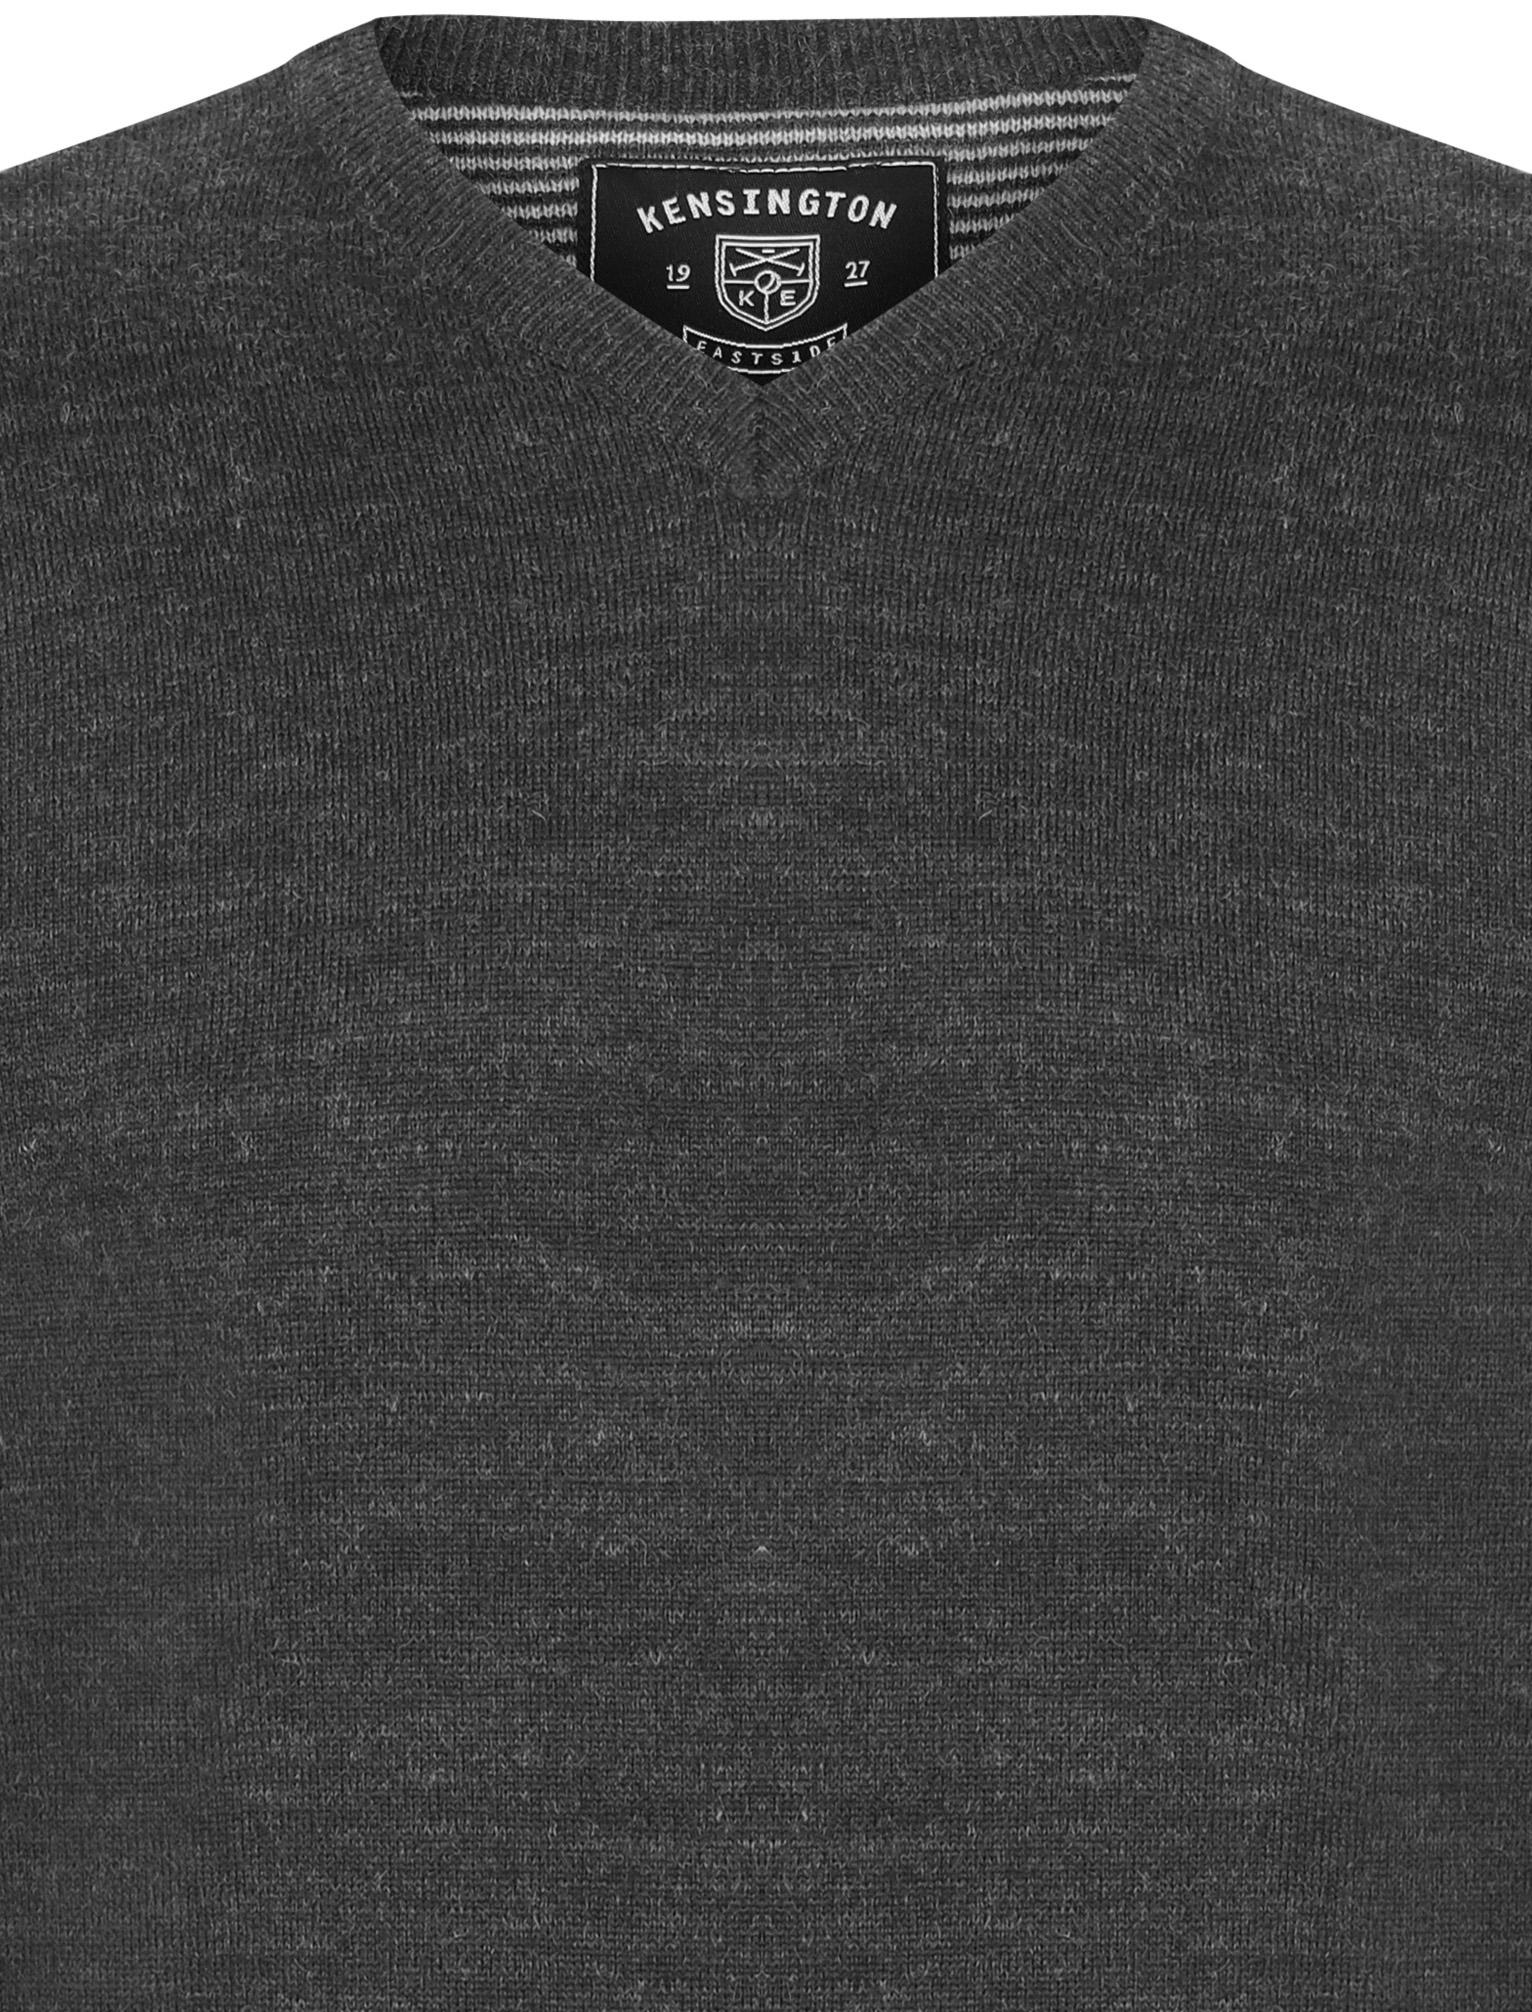 Kensington-Eastside-Men-039-s-Wool-Blend-Knitted-Crew-or-V-Neck-Jumper-Sweater-Top thumbnail 32